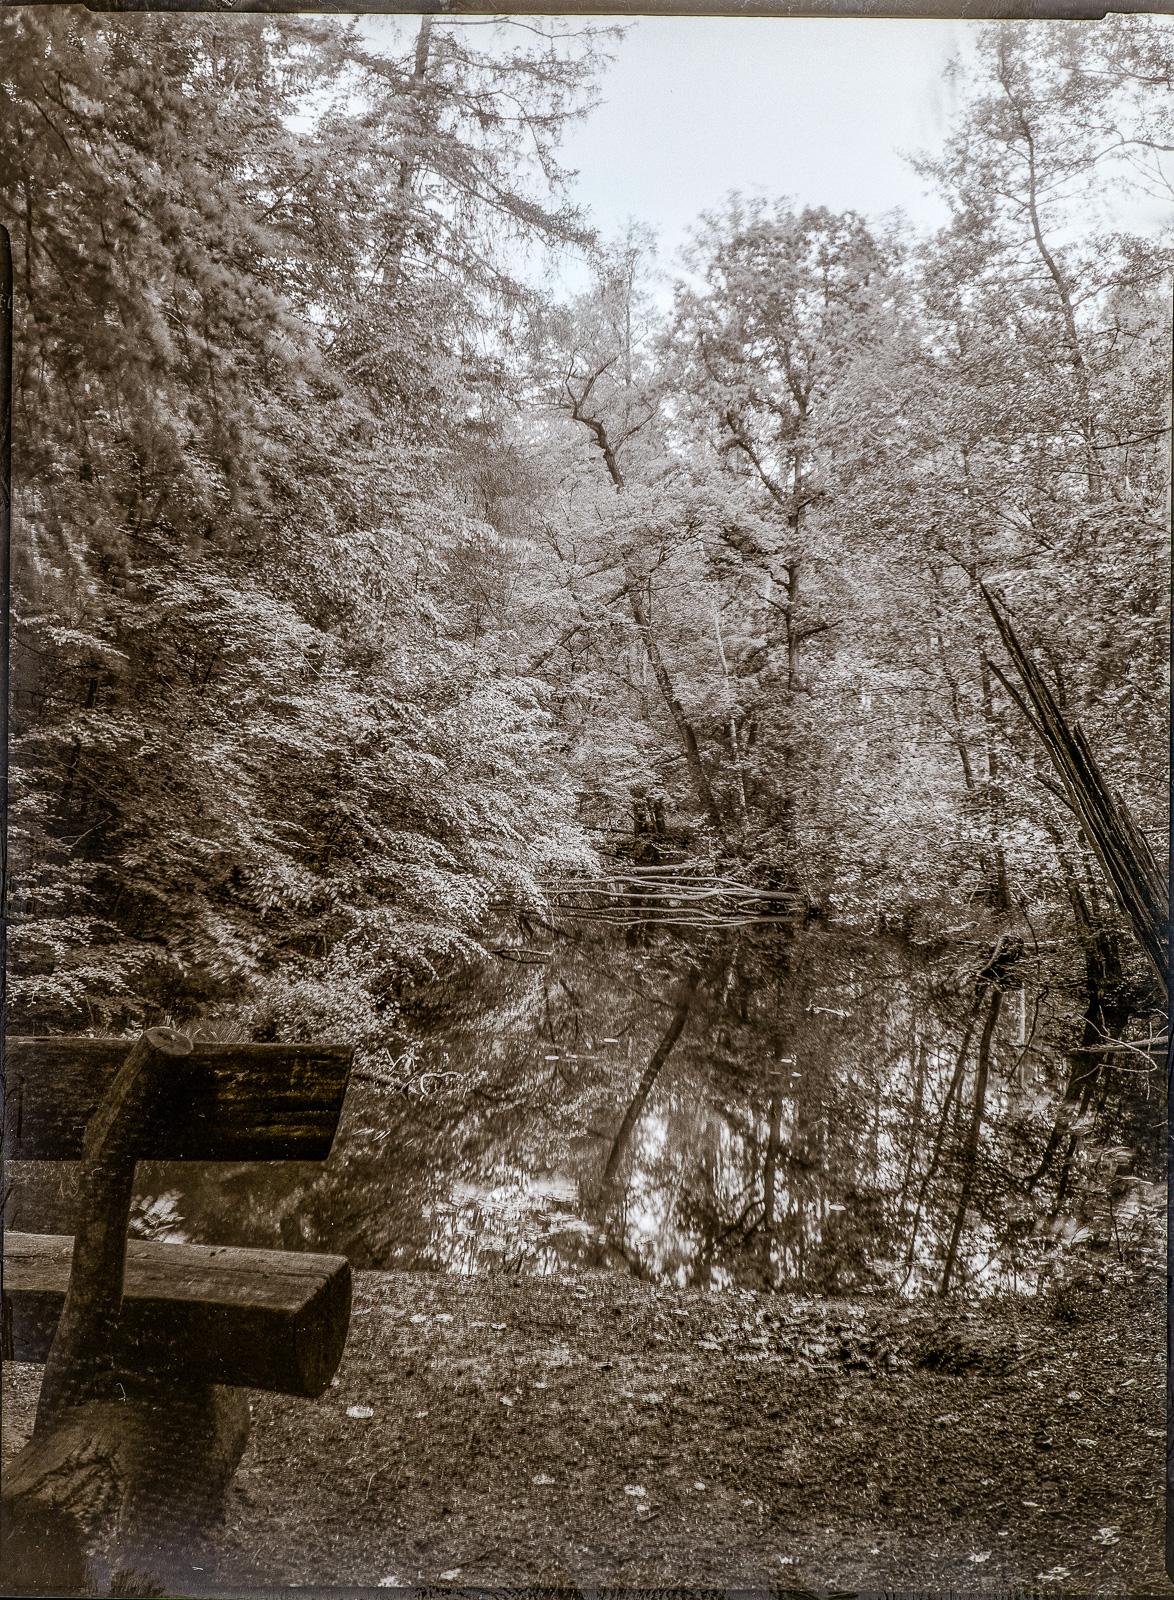 Wohldorfer Wald, Schleife der Ammersbek